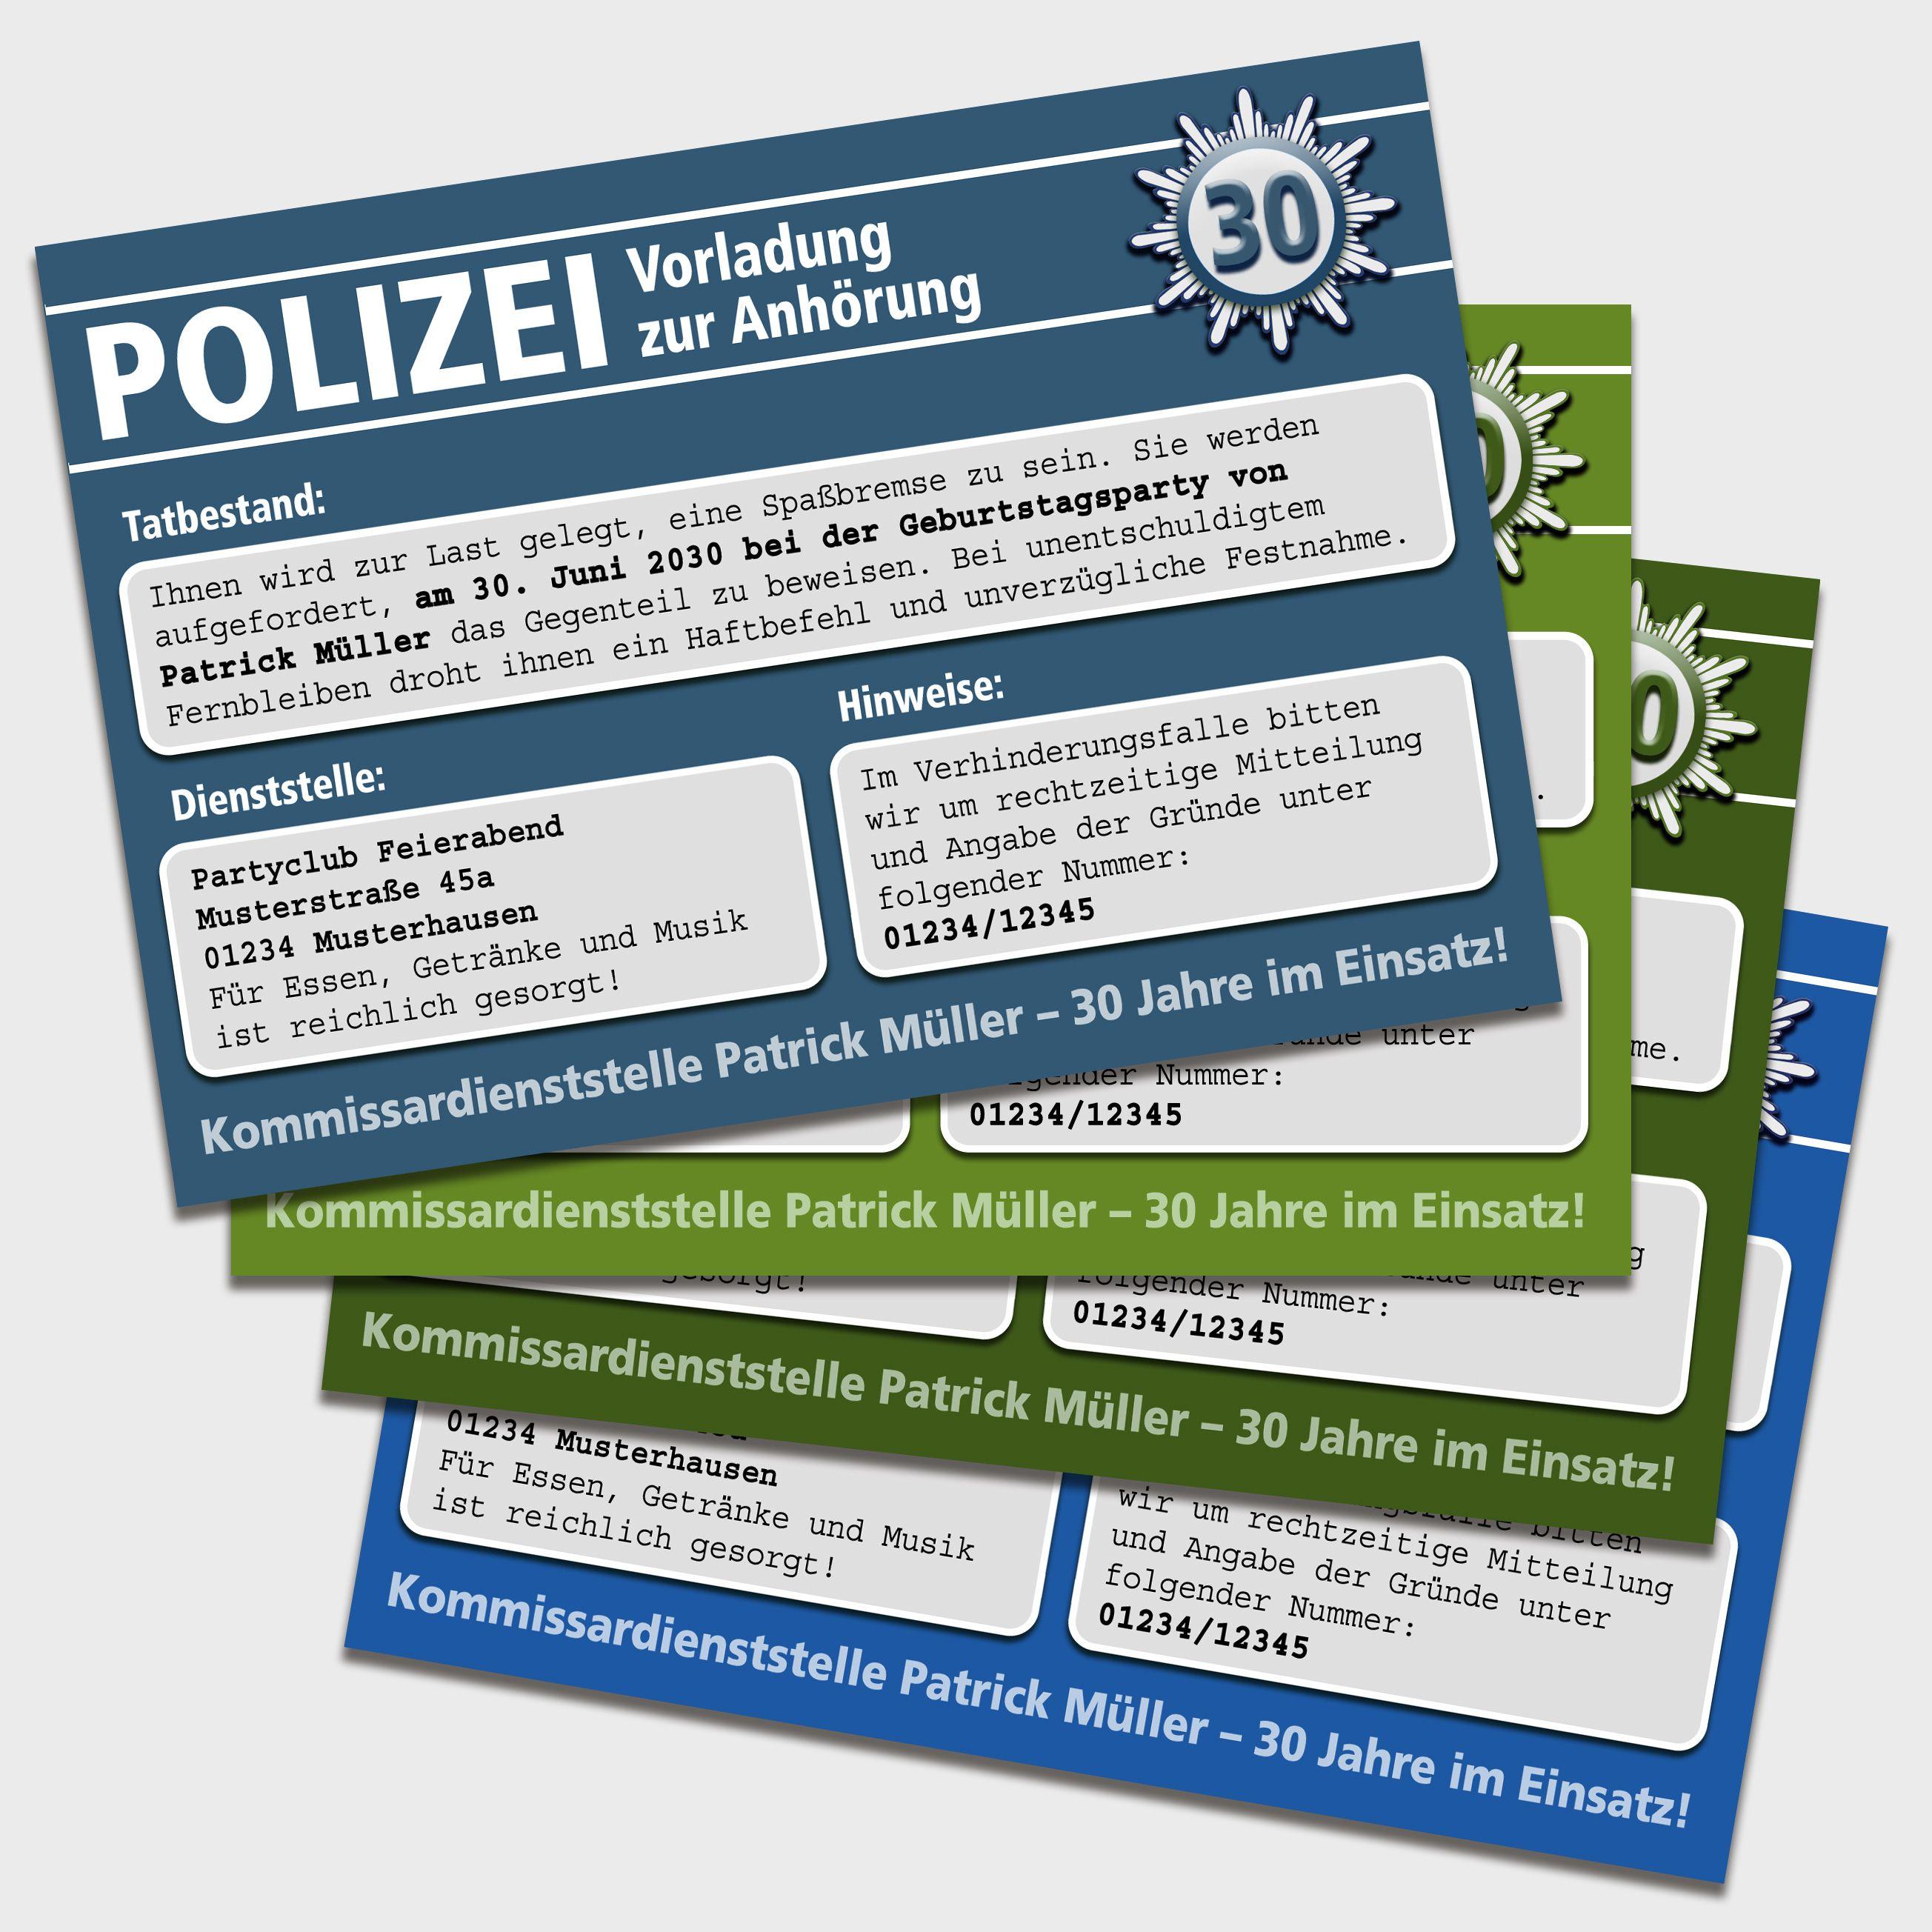 Einladung Zum Geburtstag Oder Zur Party Als Vorladung Zur Polizei Sie Mochten Ihren Gasten Eine Originelle Einladung Geburtstag Polizei Geburtstag Einladungen